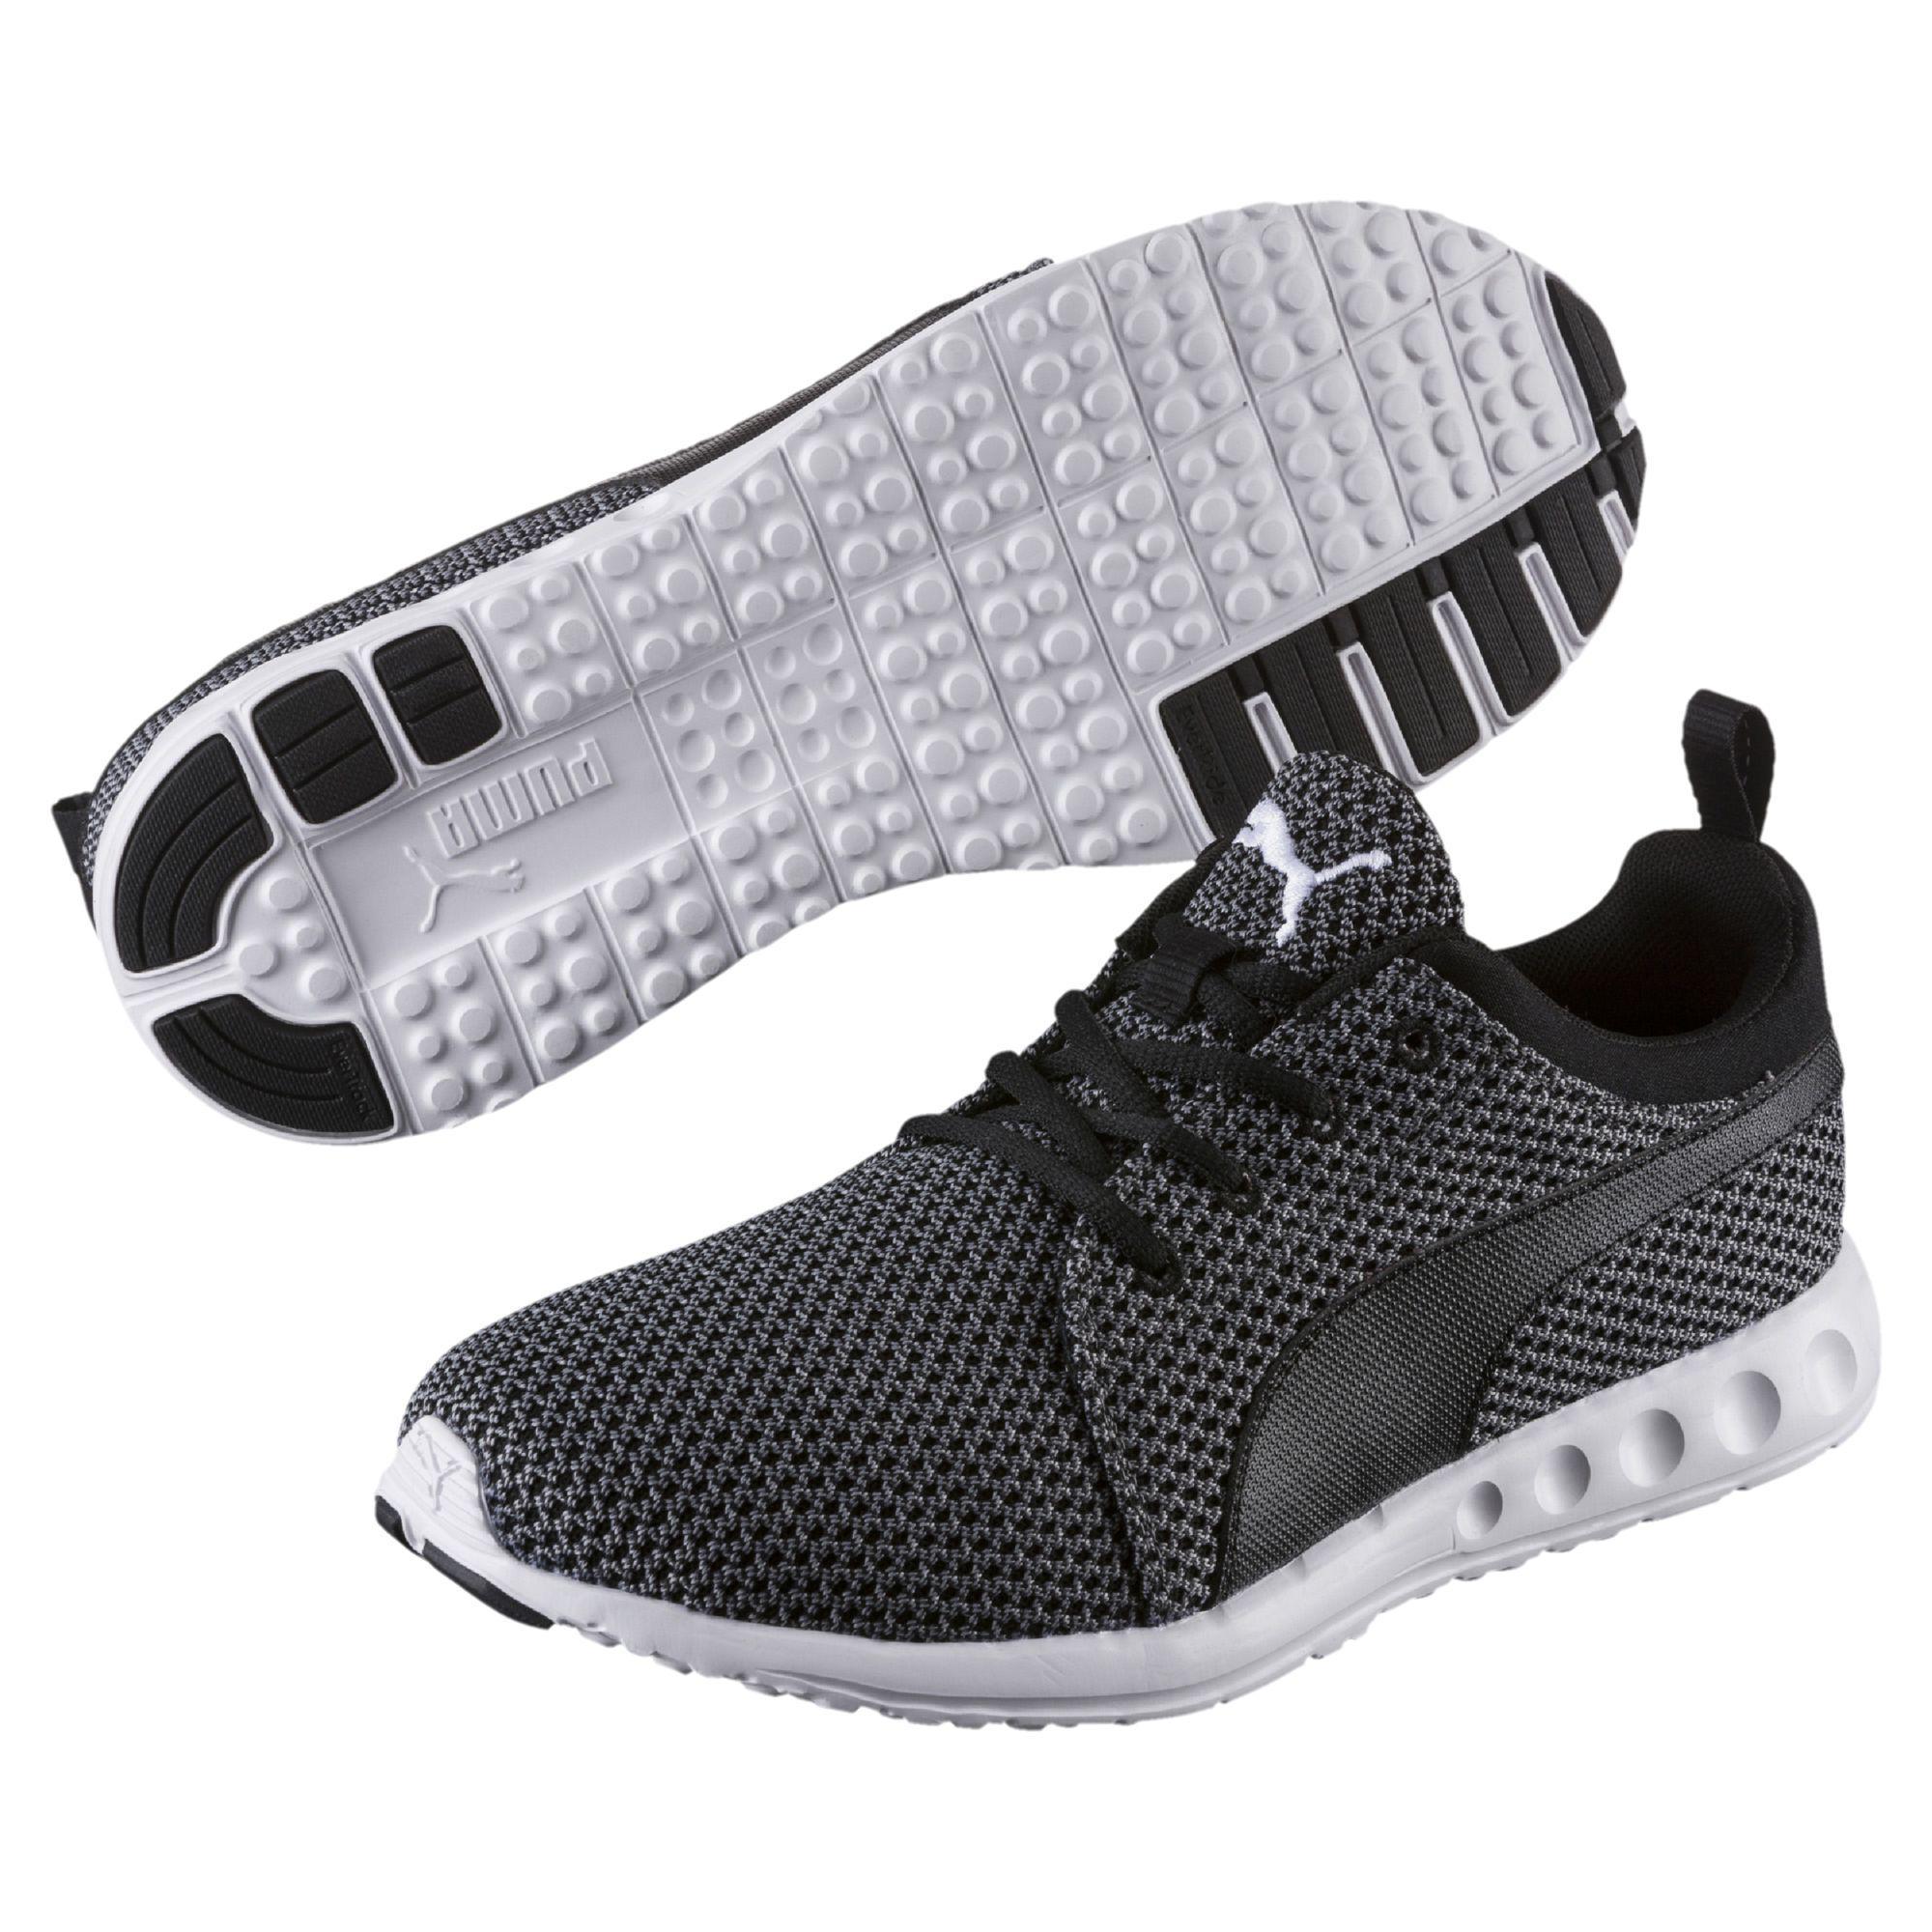 3e698c19569f Lyst - PUMA Carson Runner Knit Men s Running Shoes in Black for Men